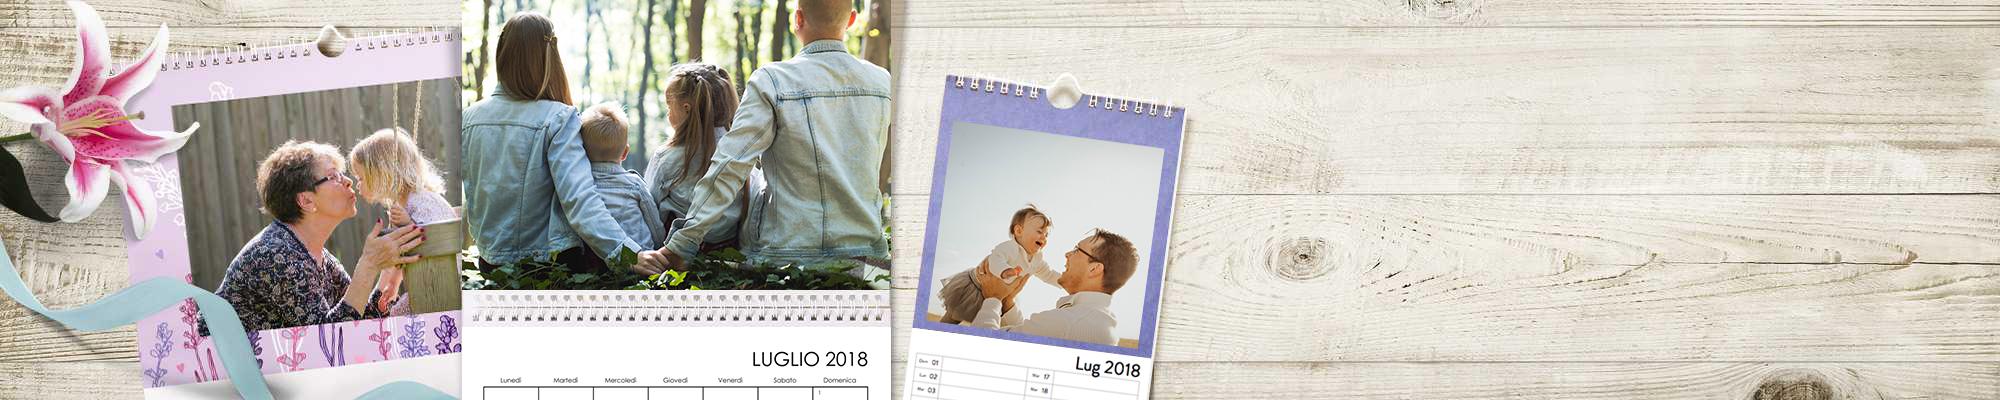 Foto Calendari Personalizzati Crea il tuo calendario. 365 giorni delle tue foto preferite, personalizzate con testi, disegni e sfondi. Rendi unico il tuo 2018.